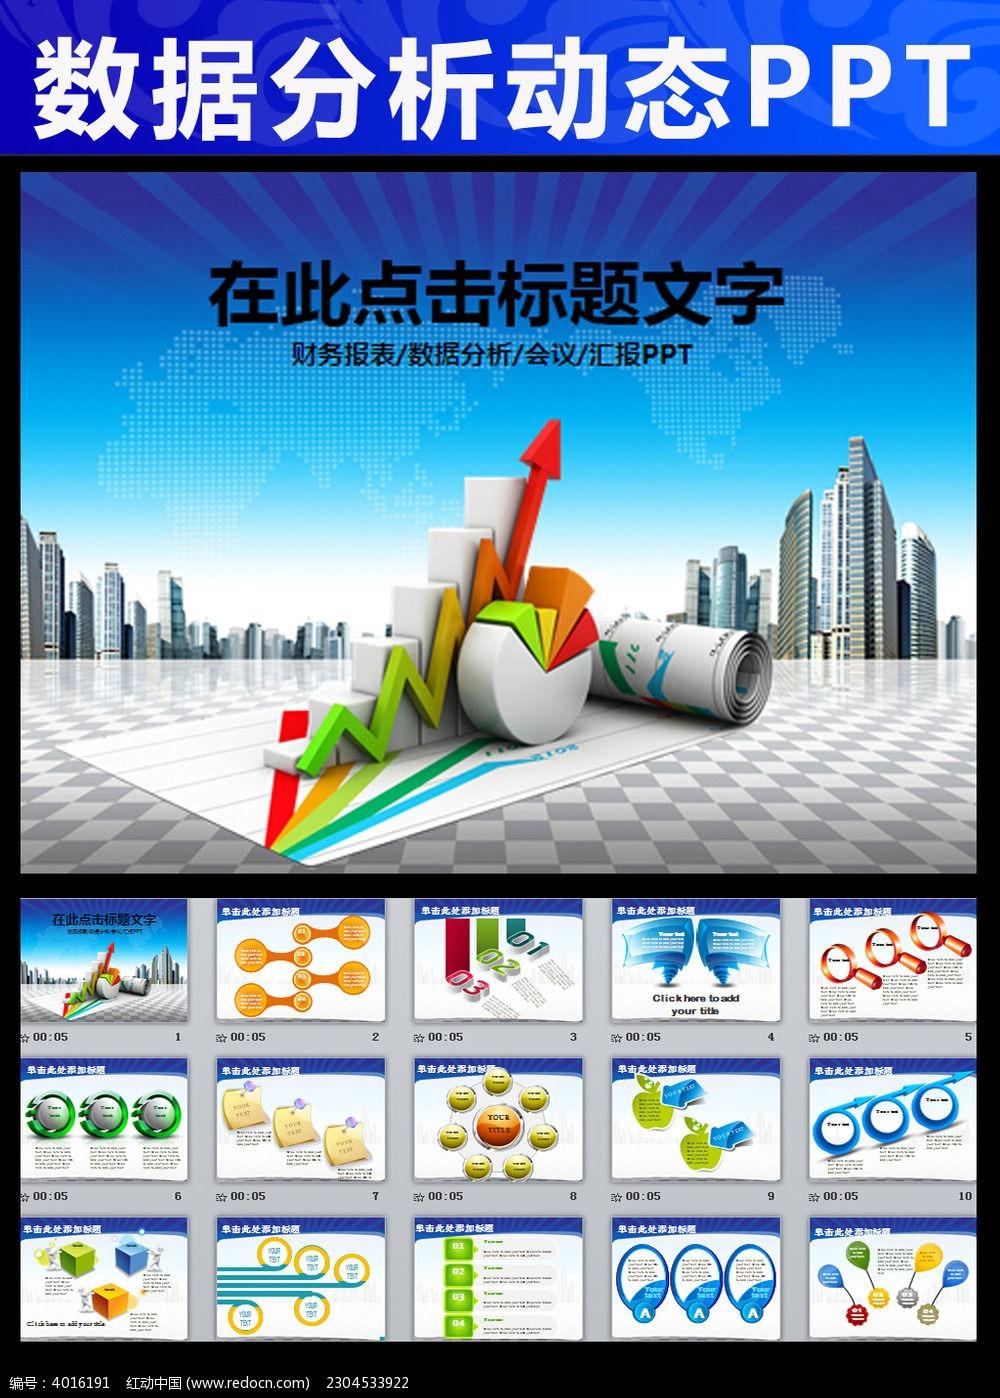 PPT背景 PPT图表 PPT素材 动态PPT 图片 会议 报告 座谈 交流 表彰